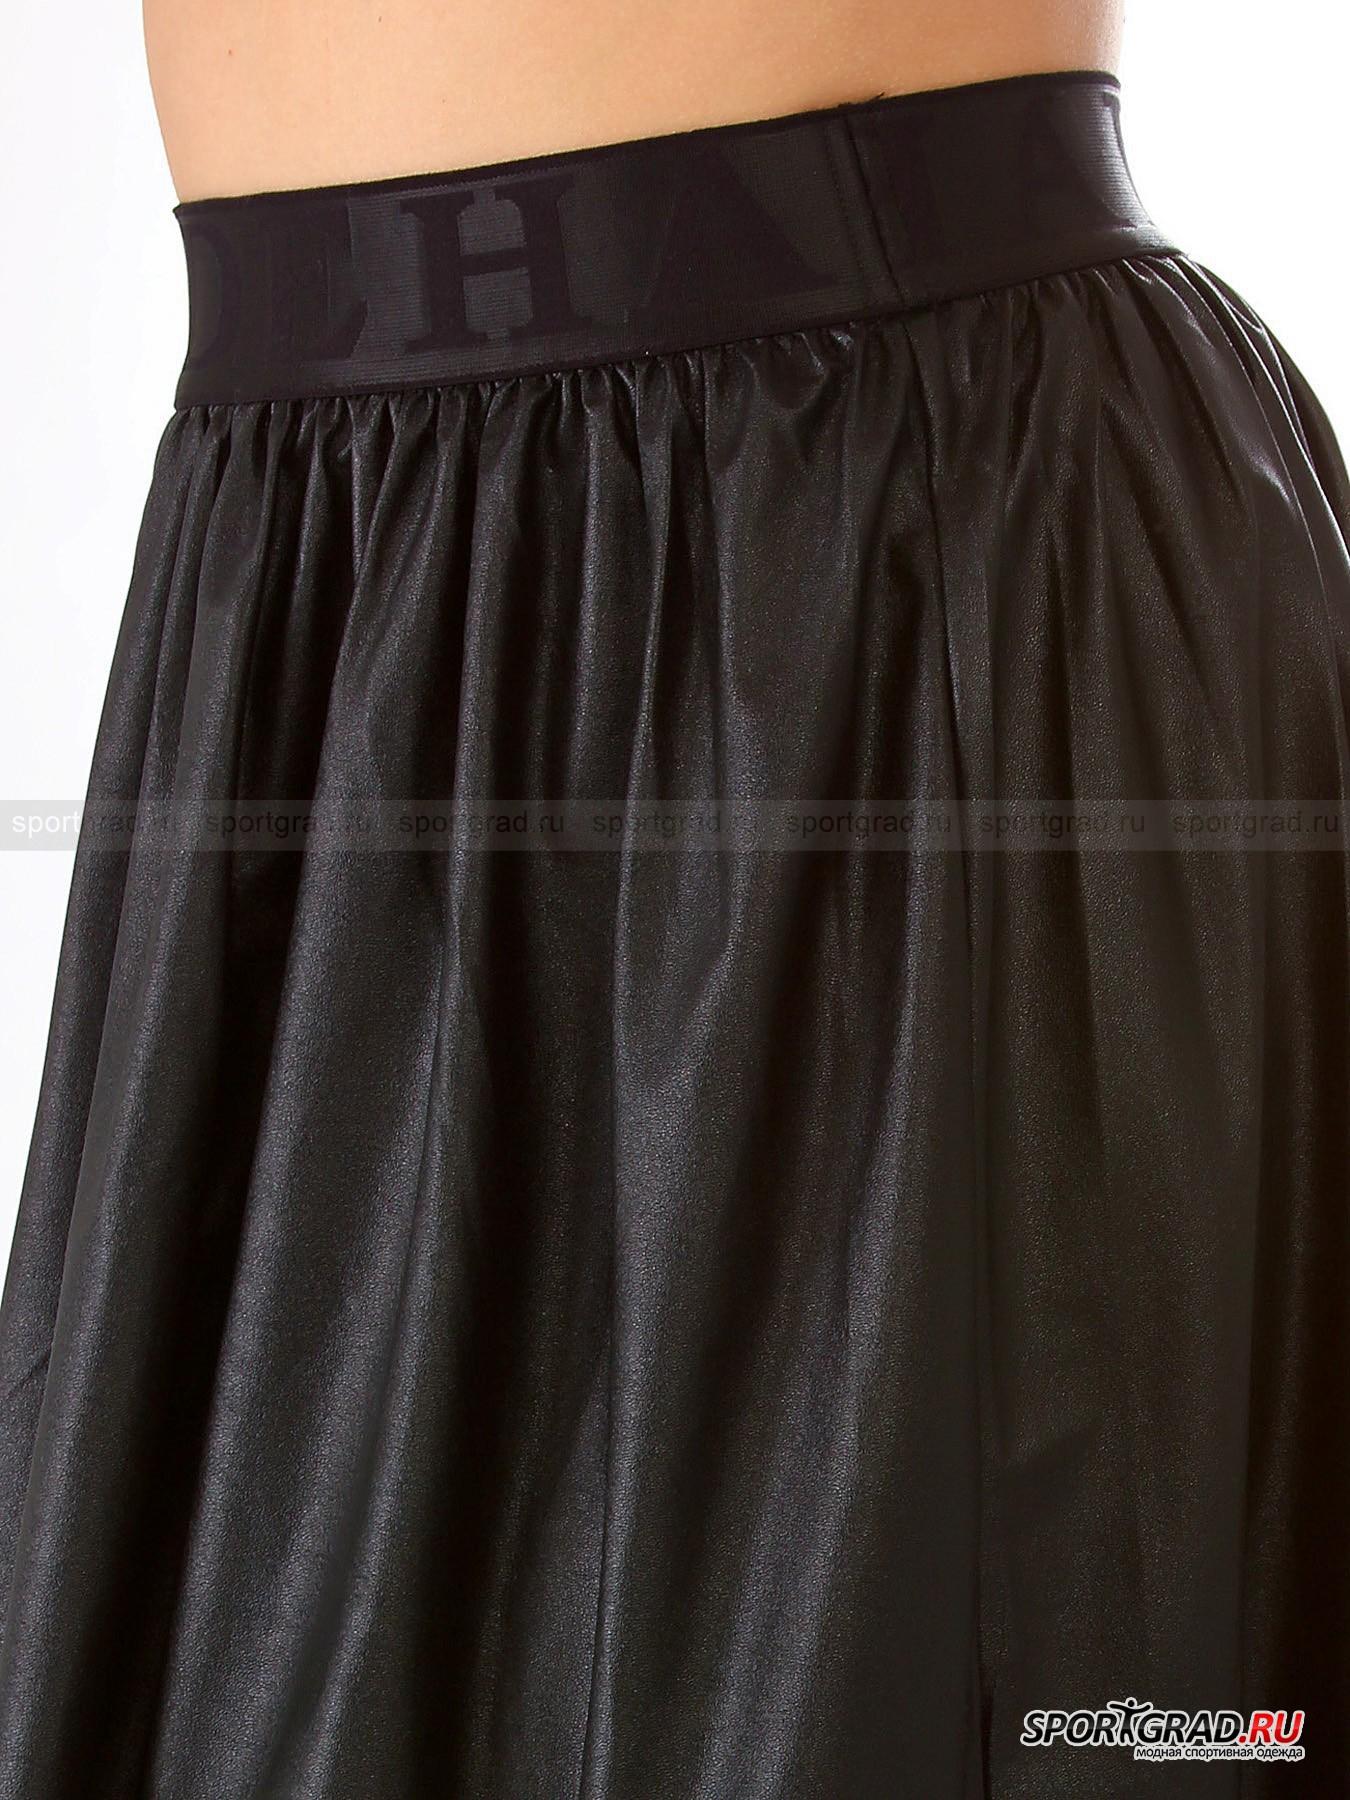 Юбка женская двухслойная Skirt DEHA от Спортград